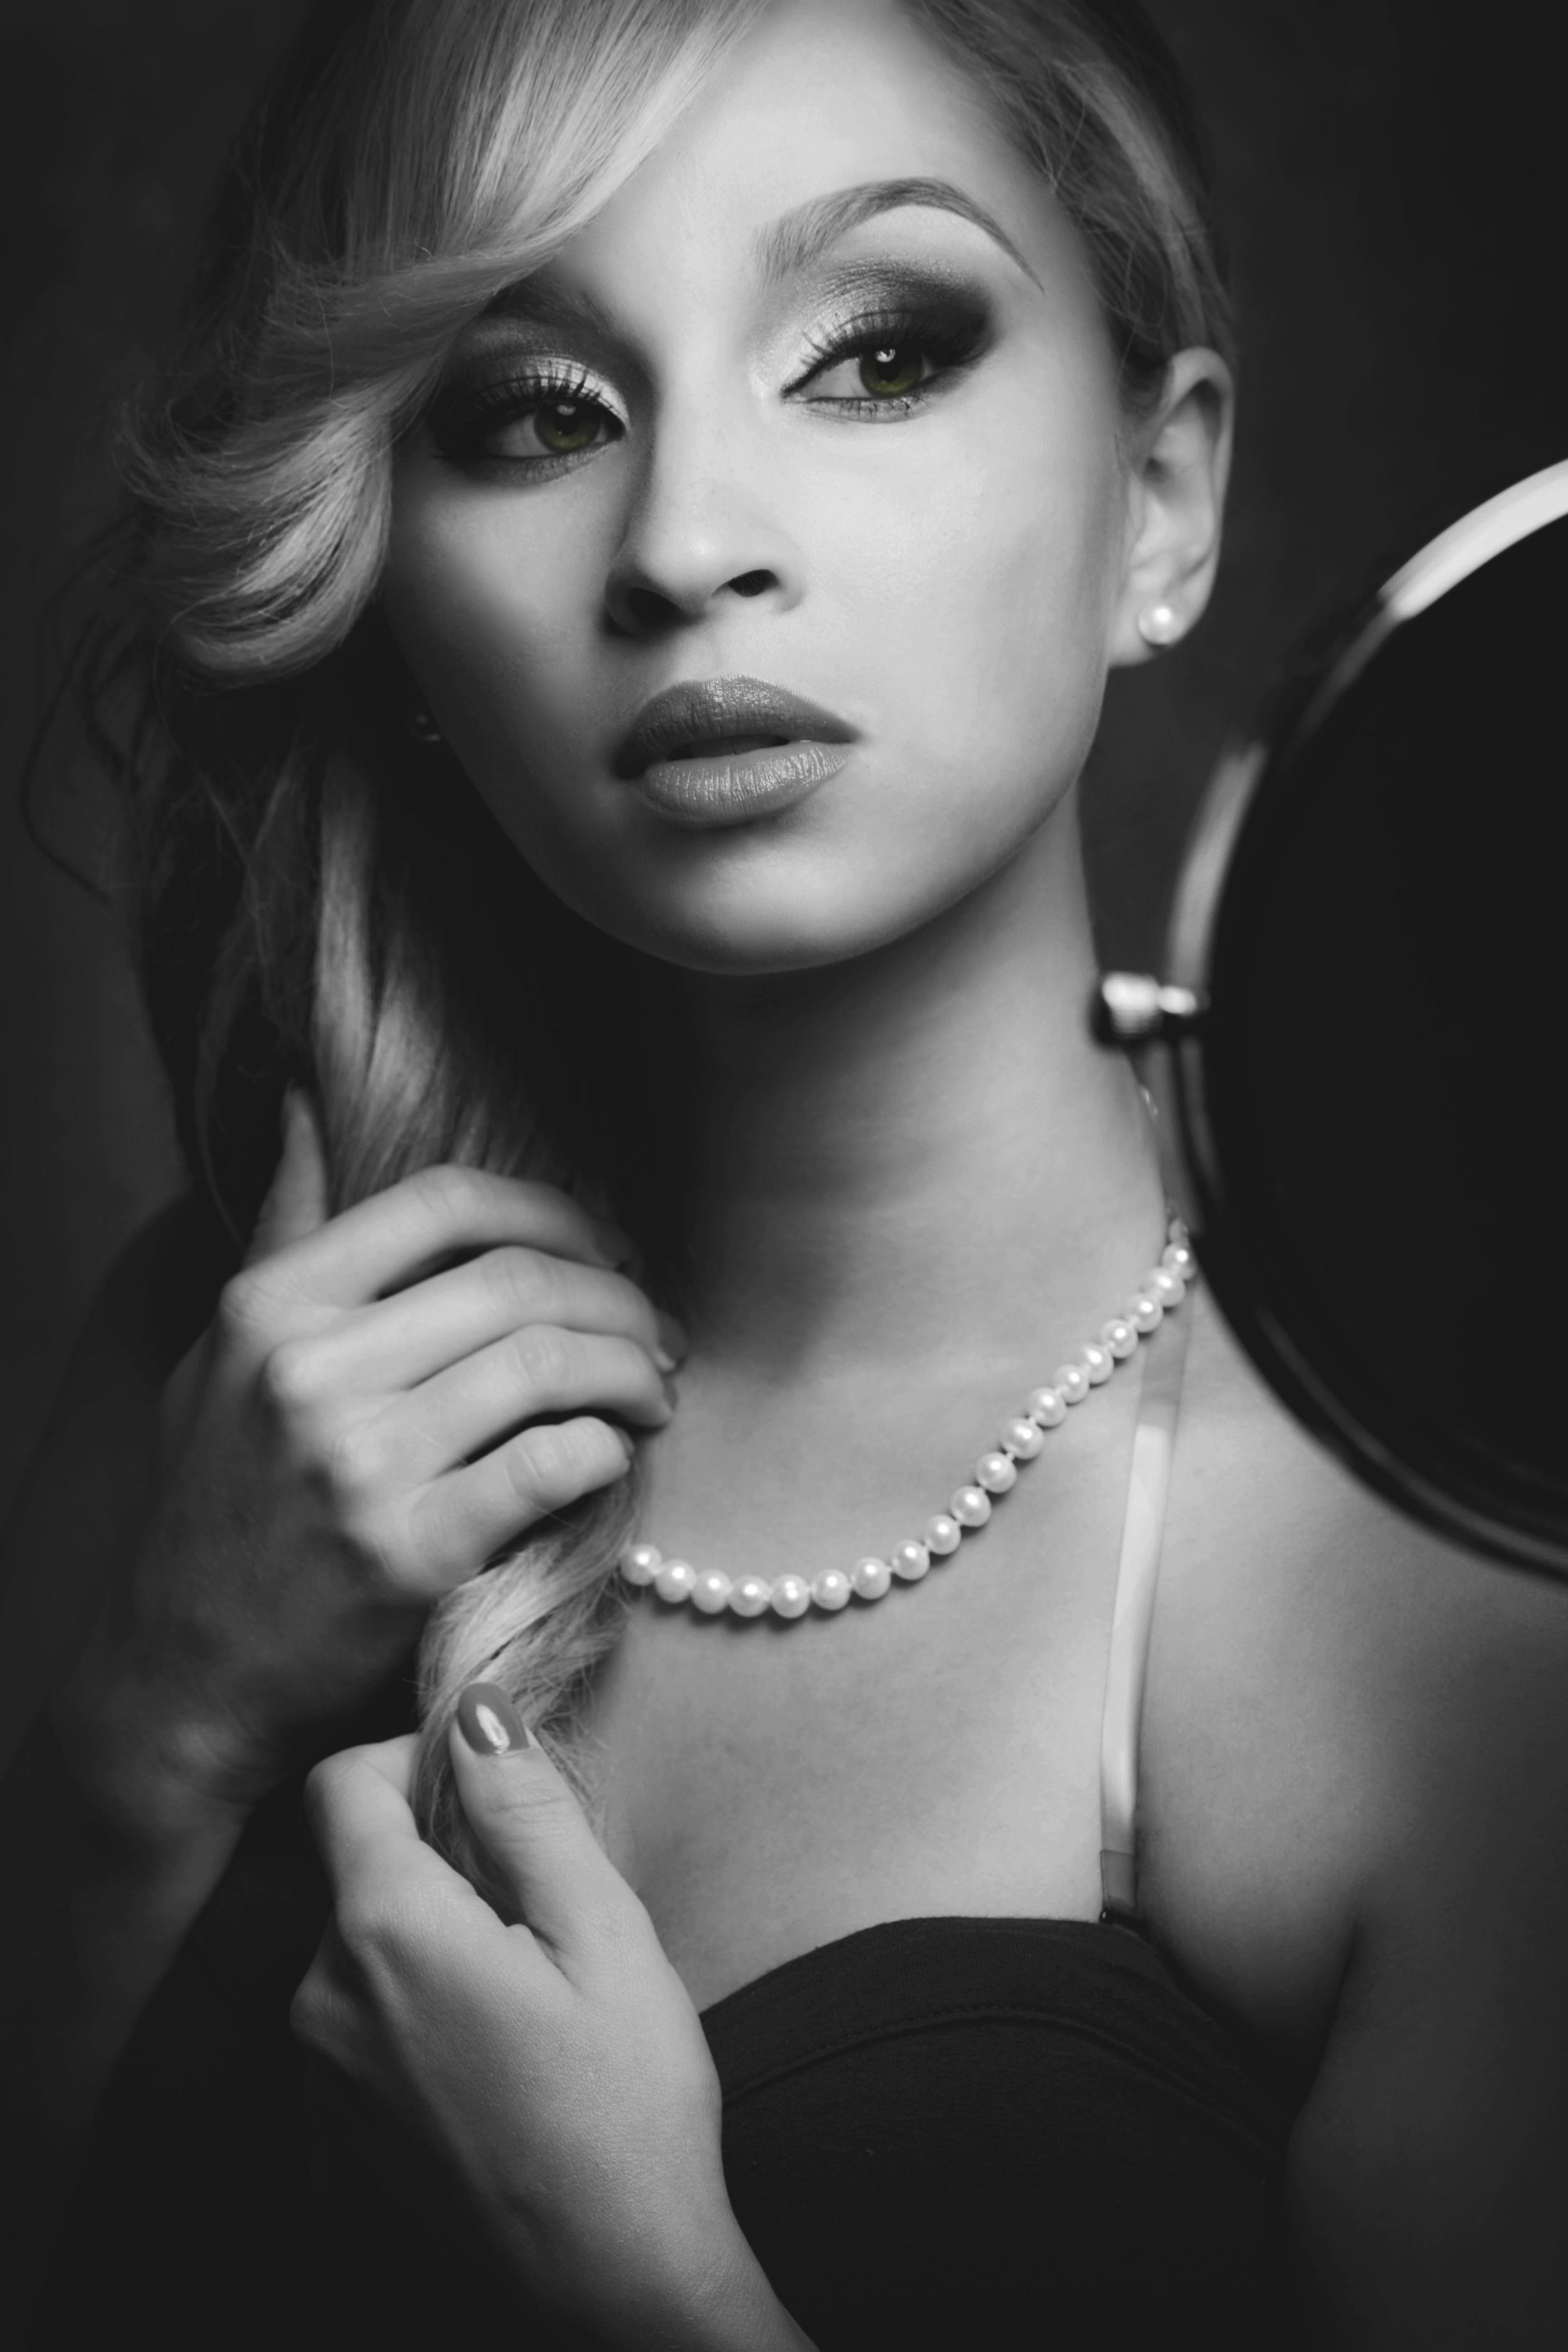 Model: Eliza. L.